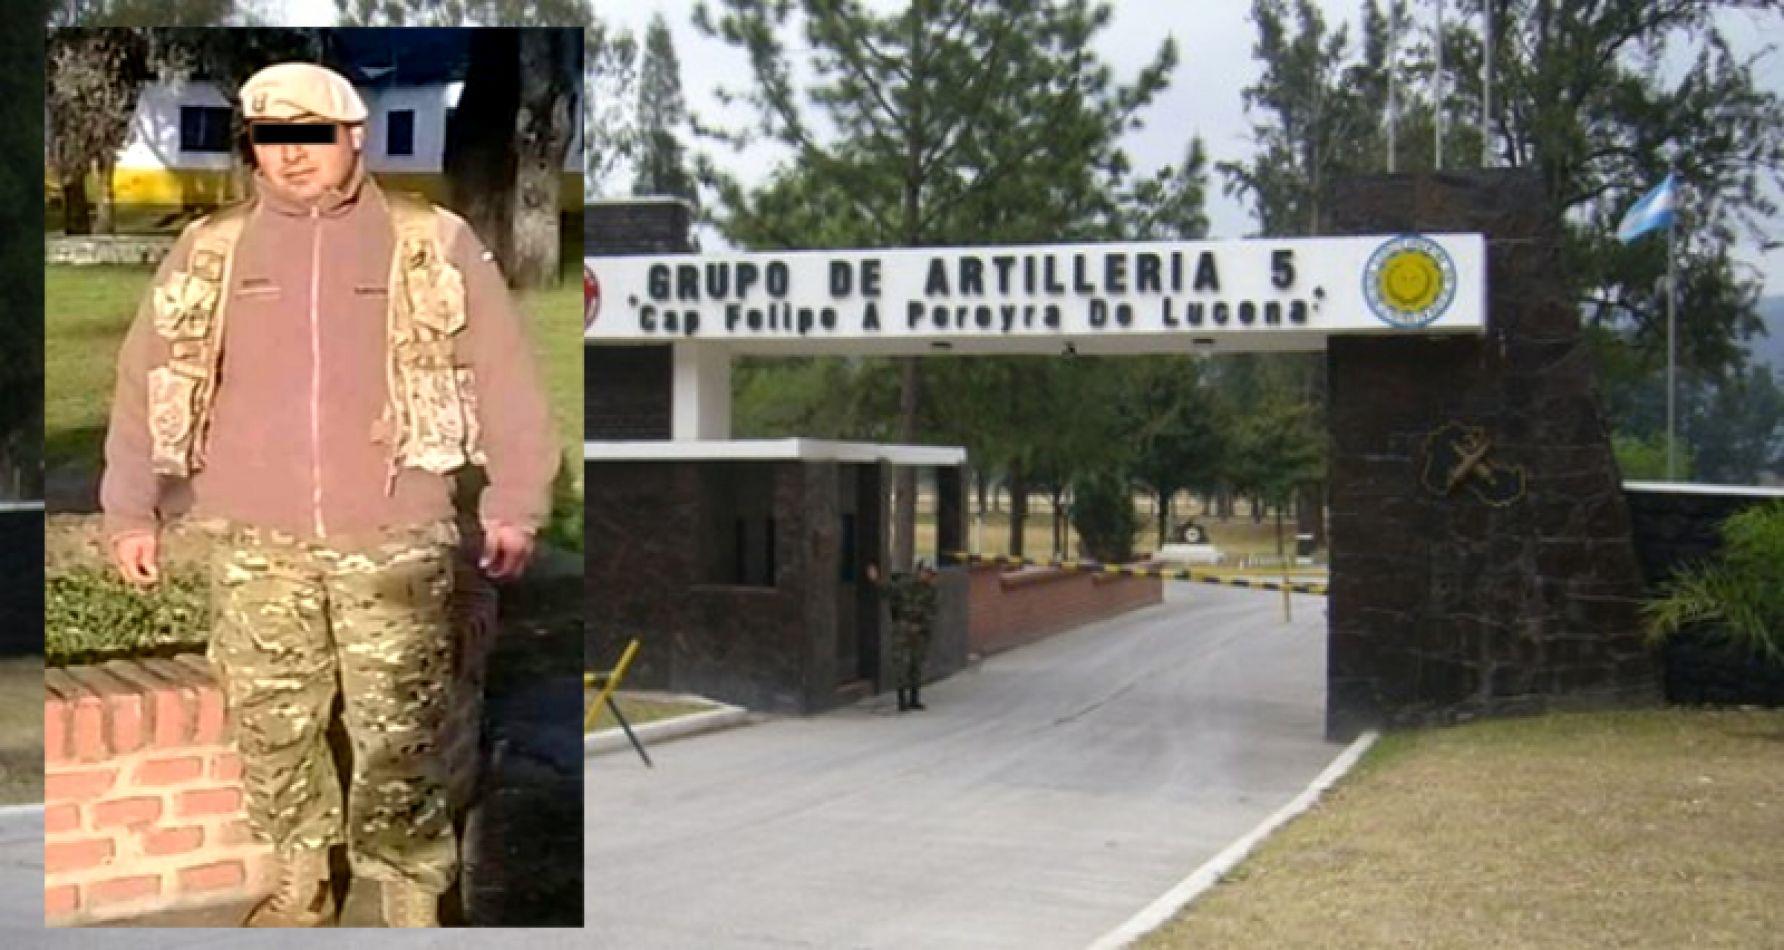 Foto: Jesús Ayarde, el sargento ayudante acusado del delito de abuso sexual